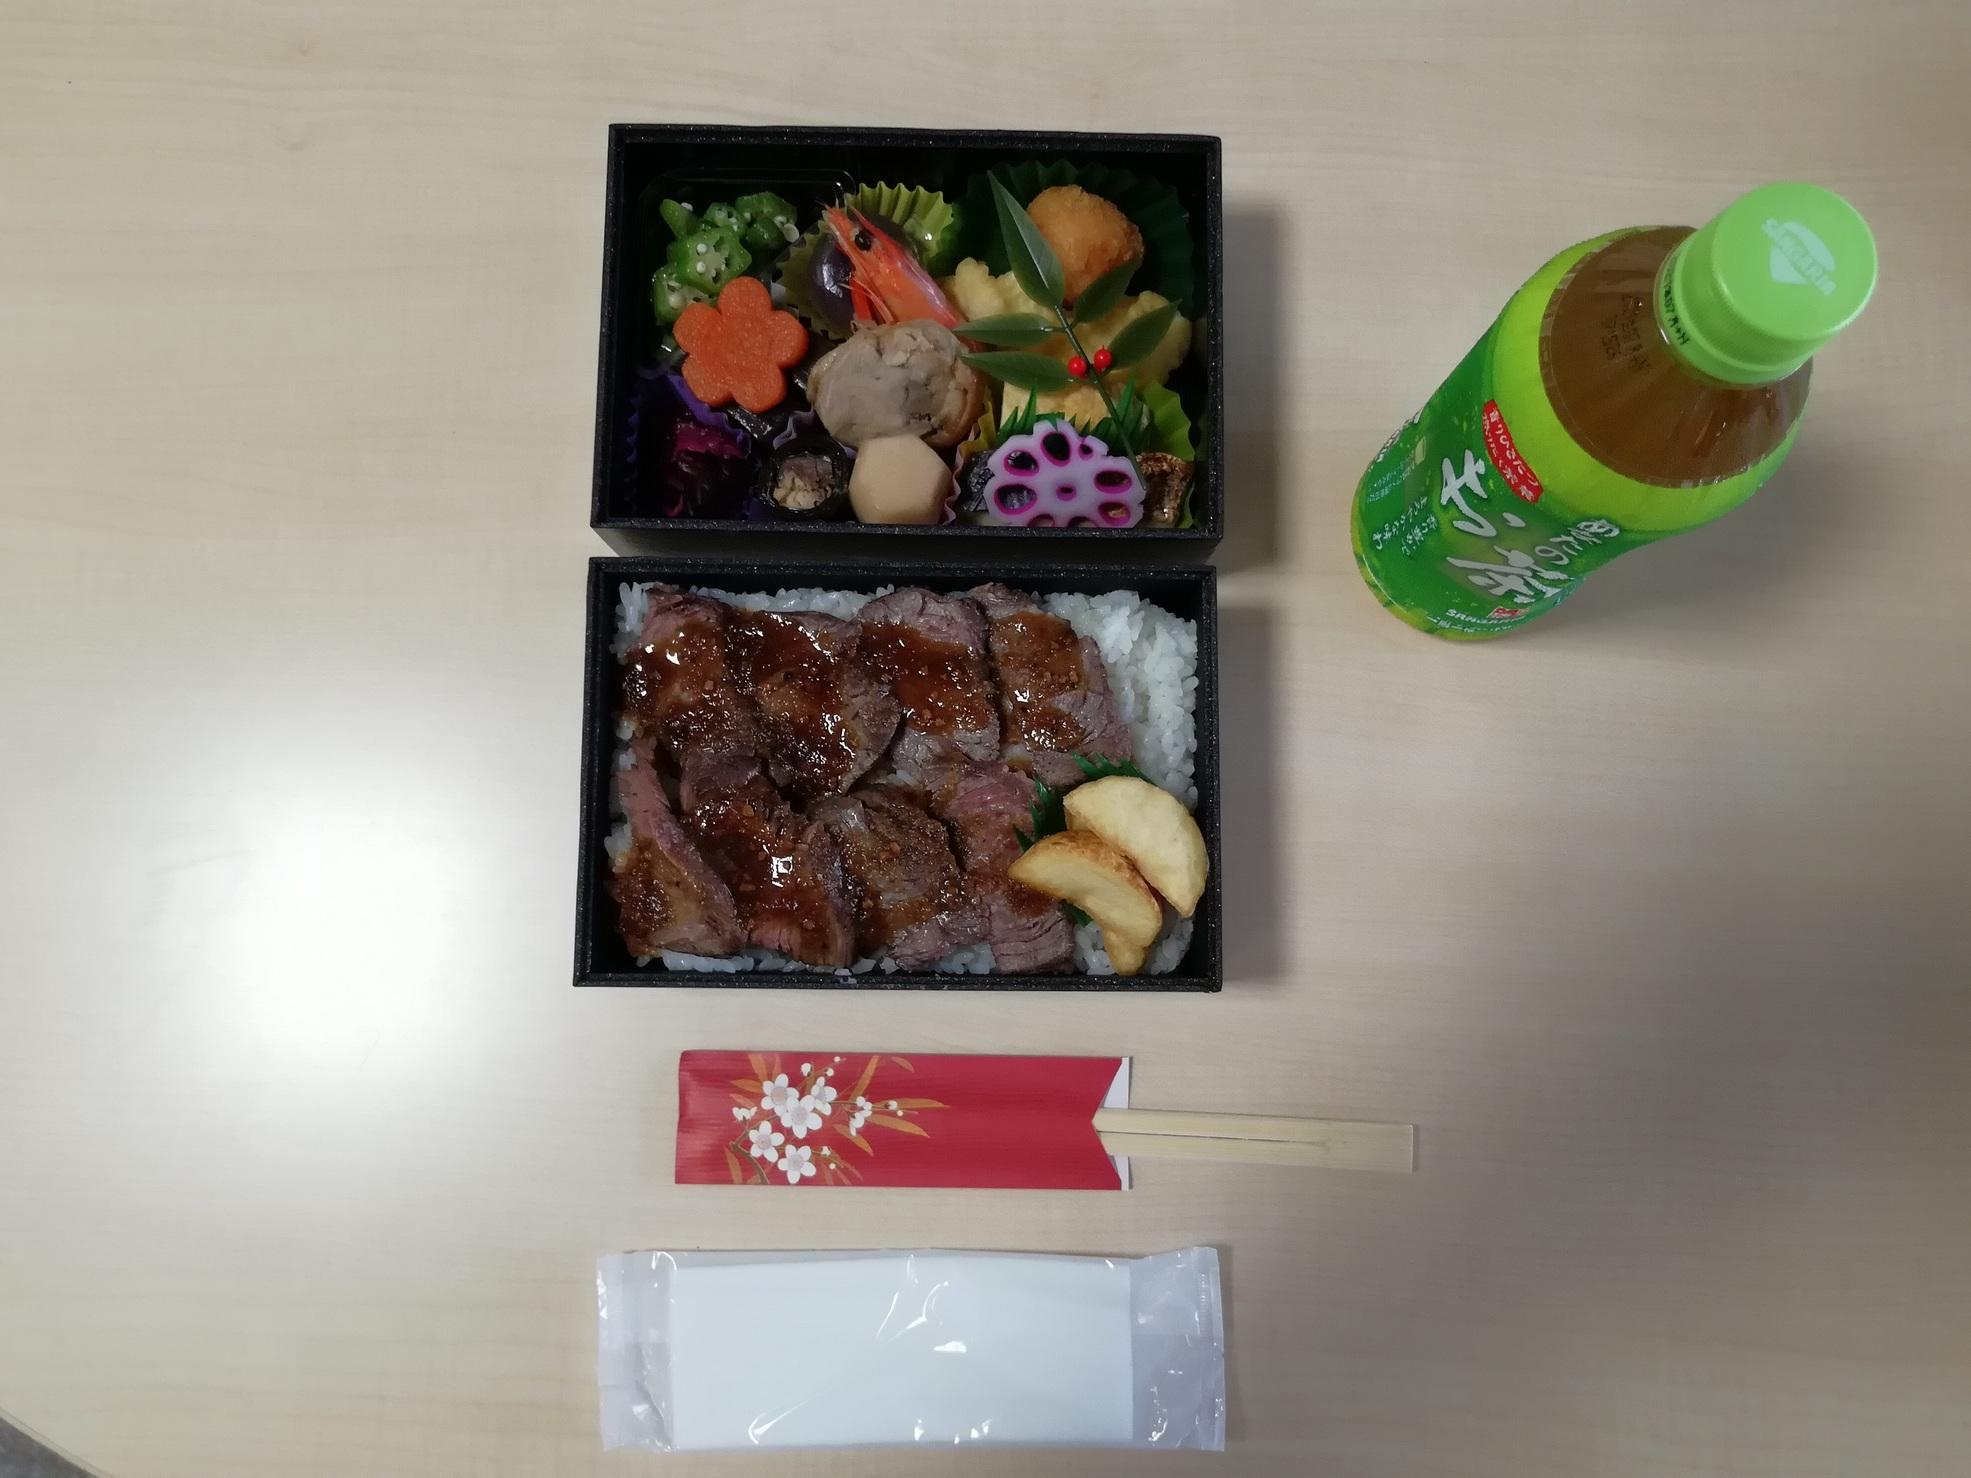 2020.11.7 技術部研修会(+親睦会)ステーキ弁当(しげよし)